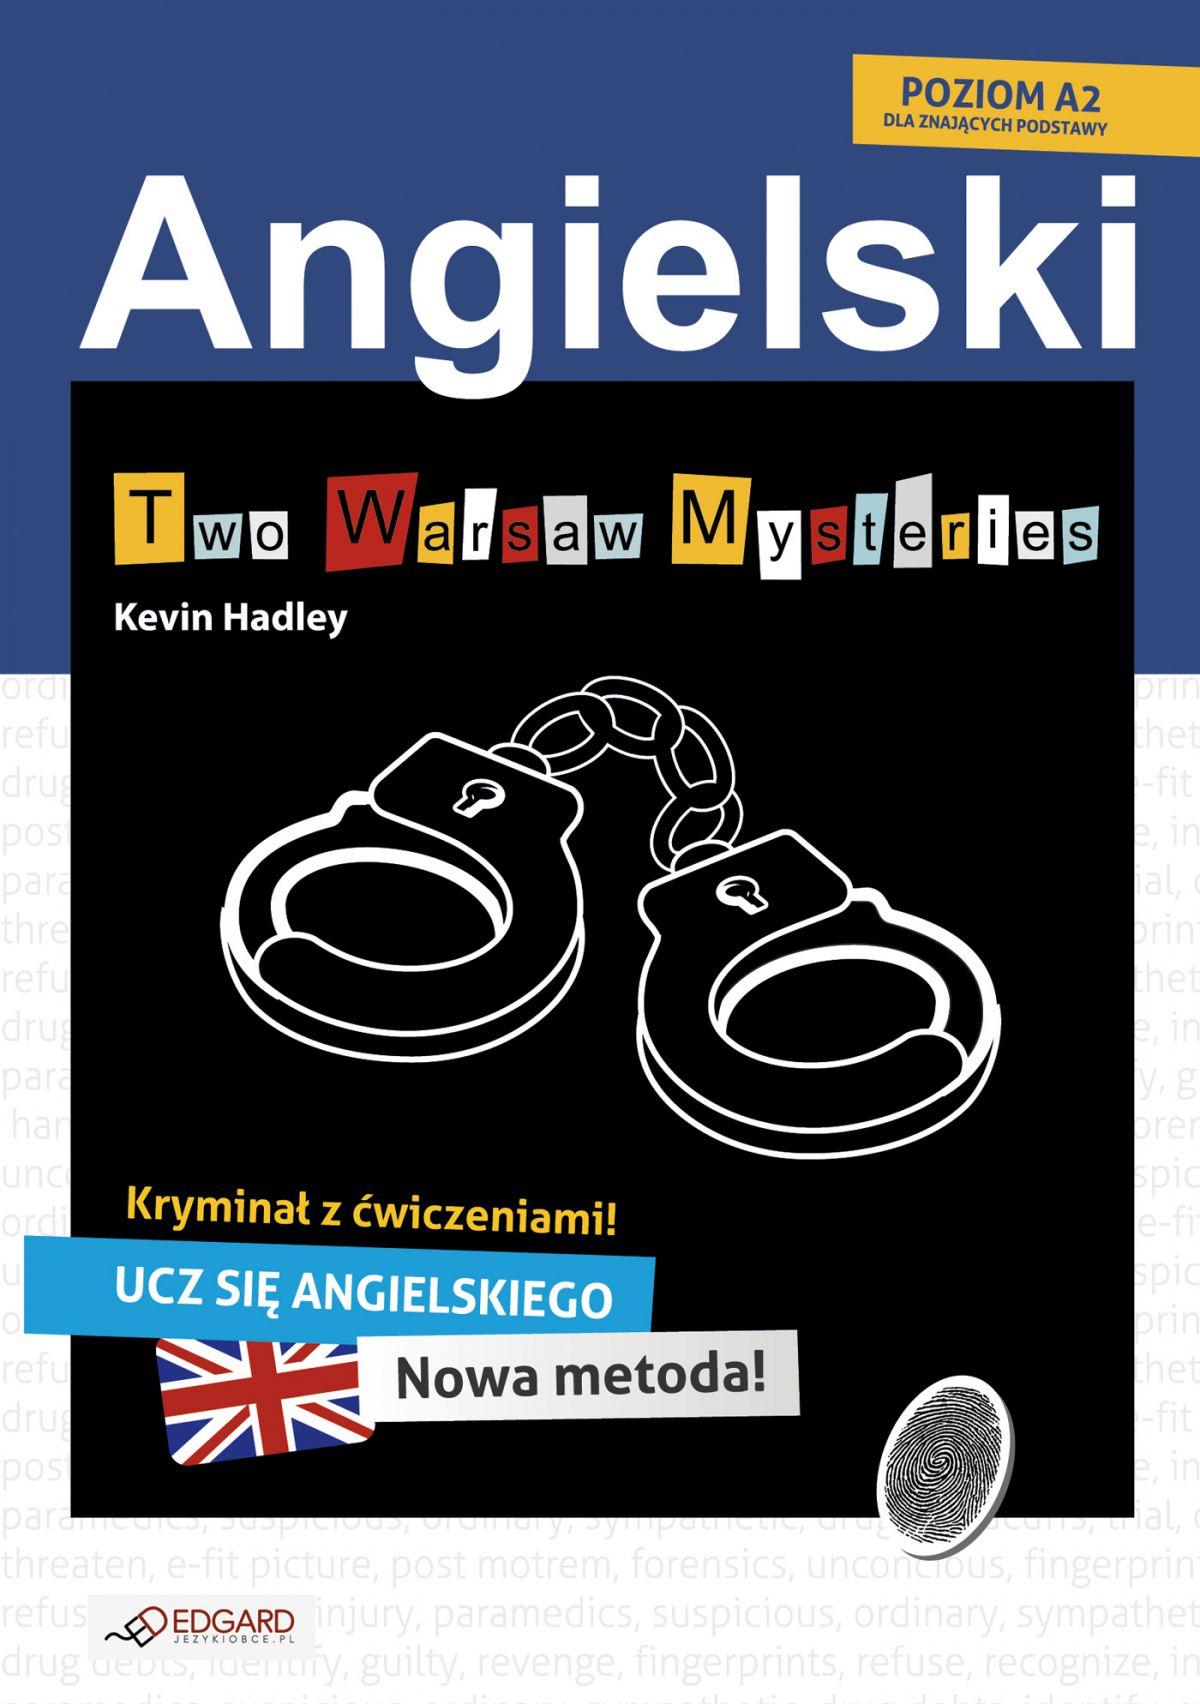 Two Warsaw Mysteries. Angielski kryminał z ćwiczeniami - Ebook (Książka EPUB) do pobrania w formacie EPUB